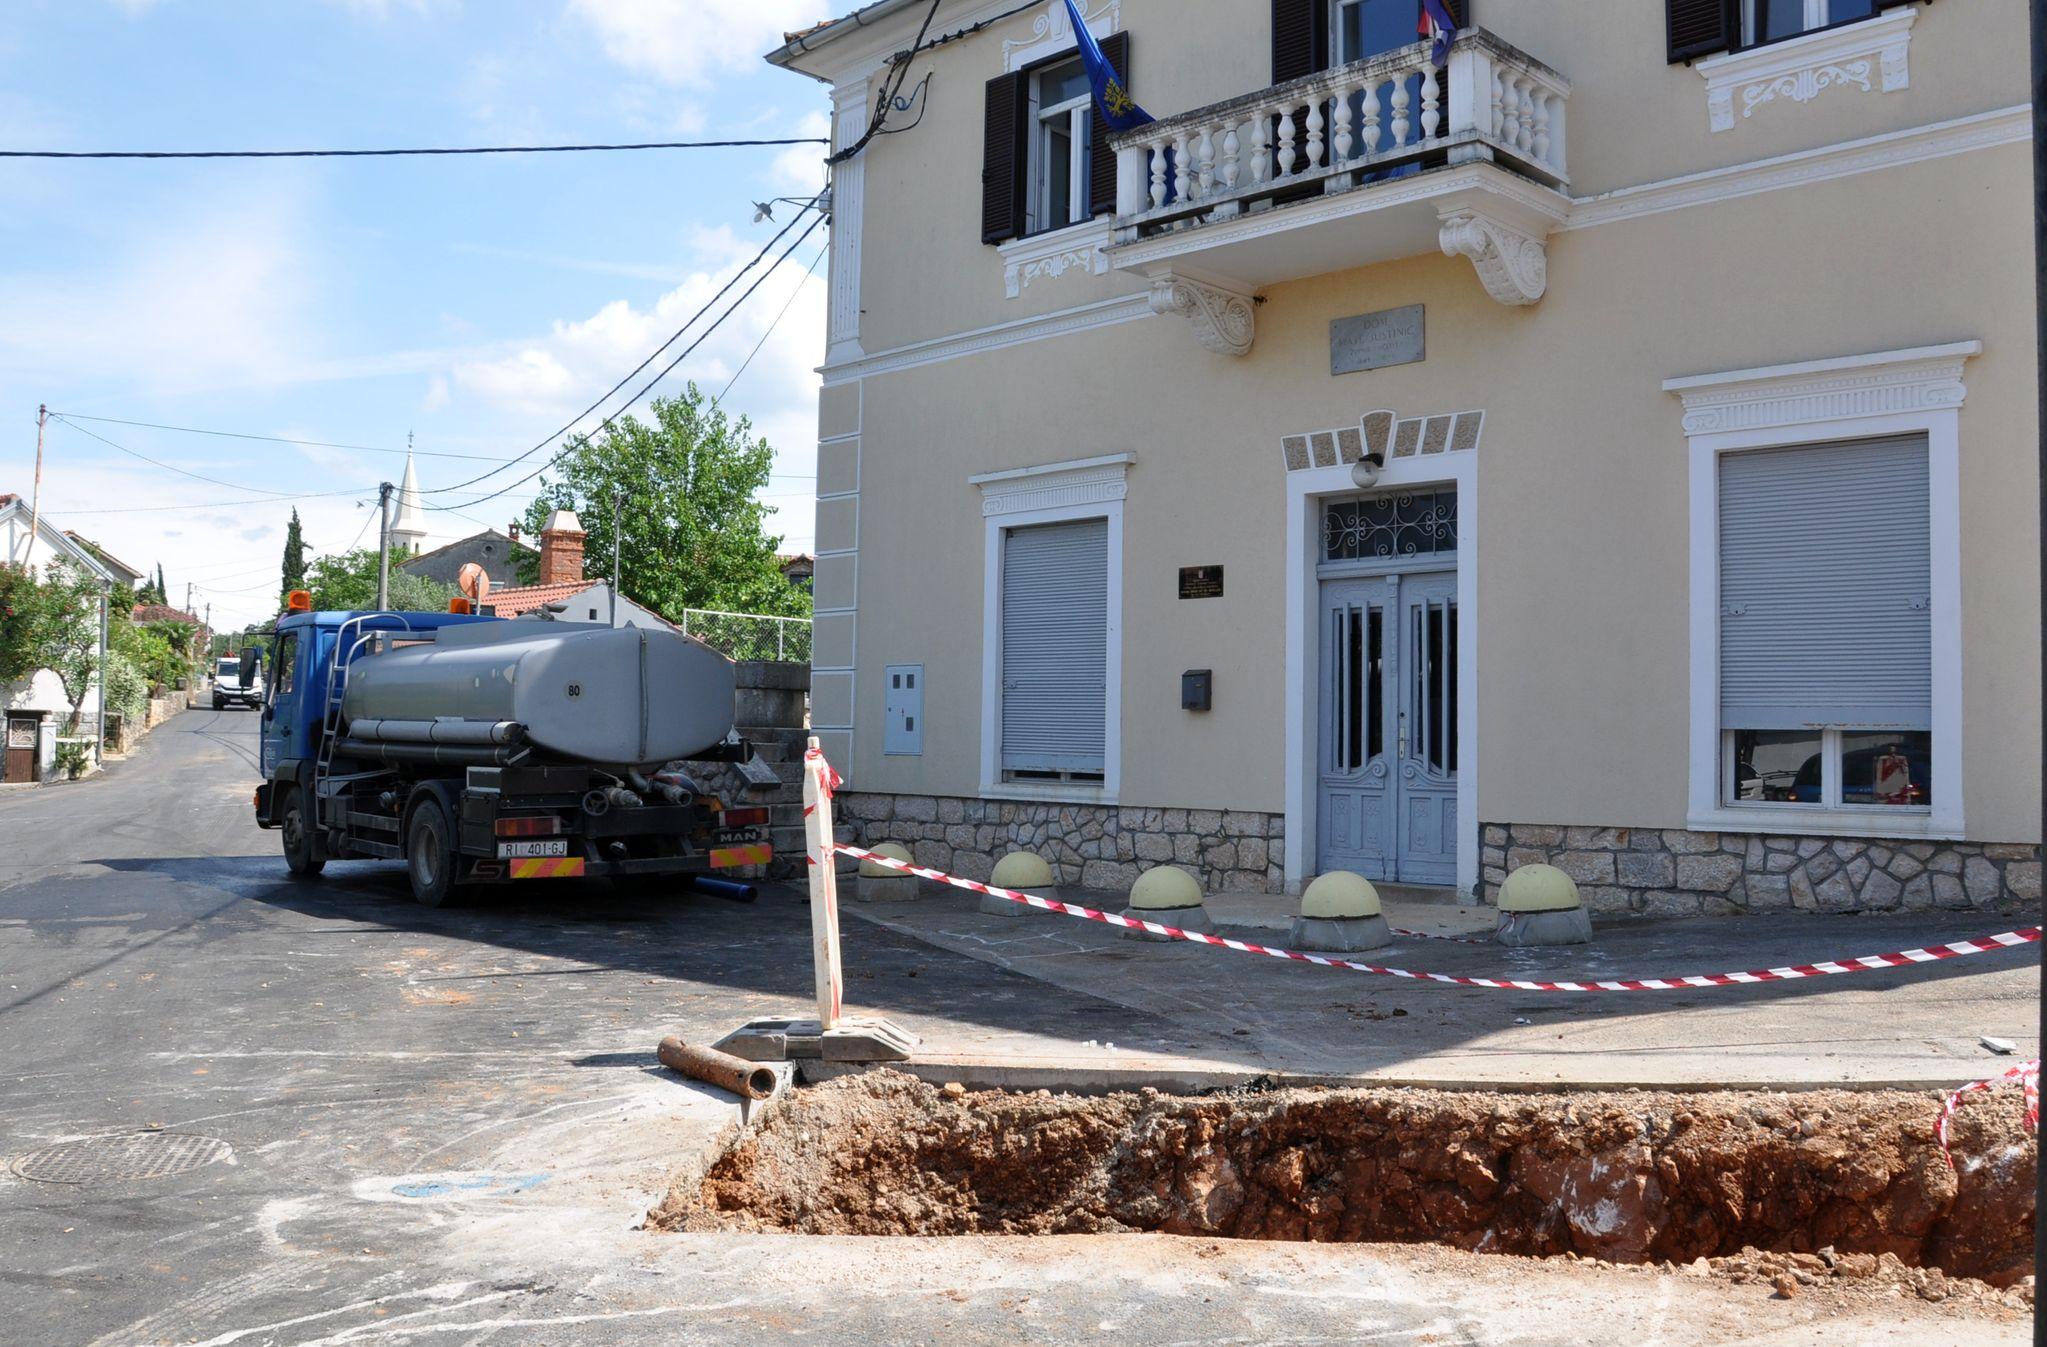 U središtu Svetog Vida jučer je mještanima na raspolaganju bila kamionska cisterna / Snimio Mladen TRINAJSTIĆ